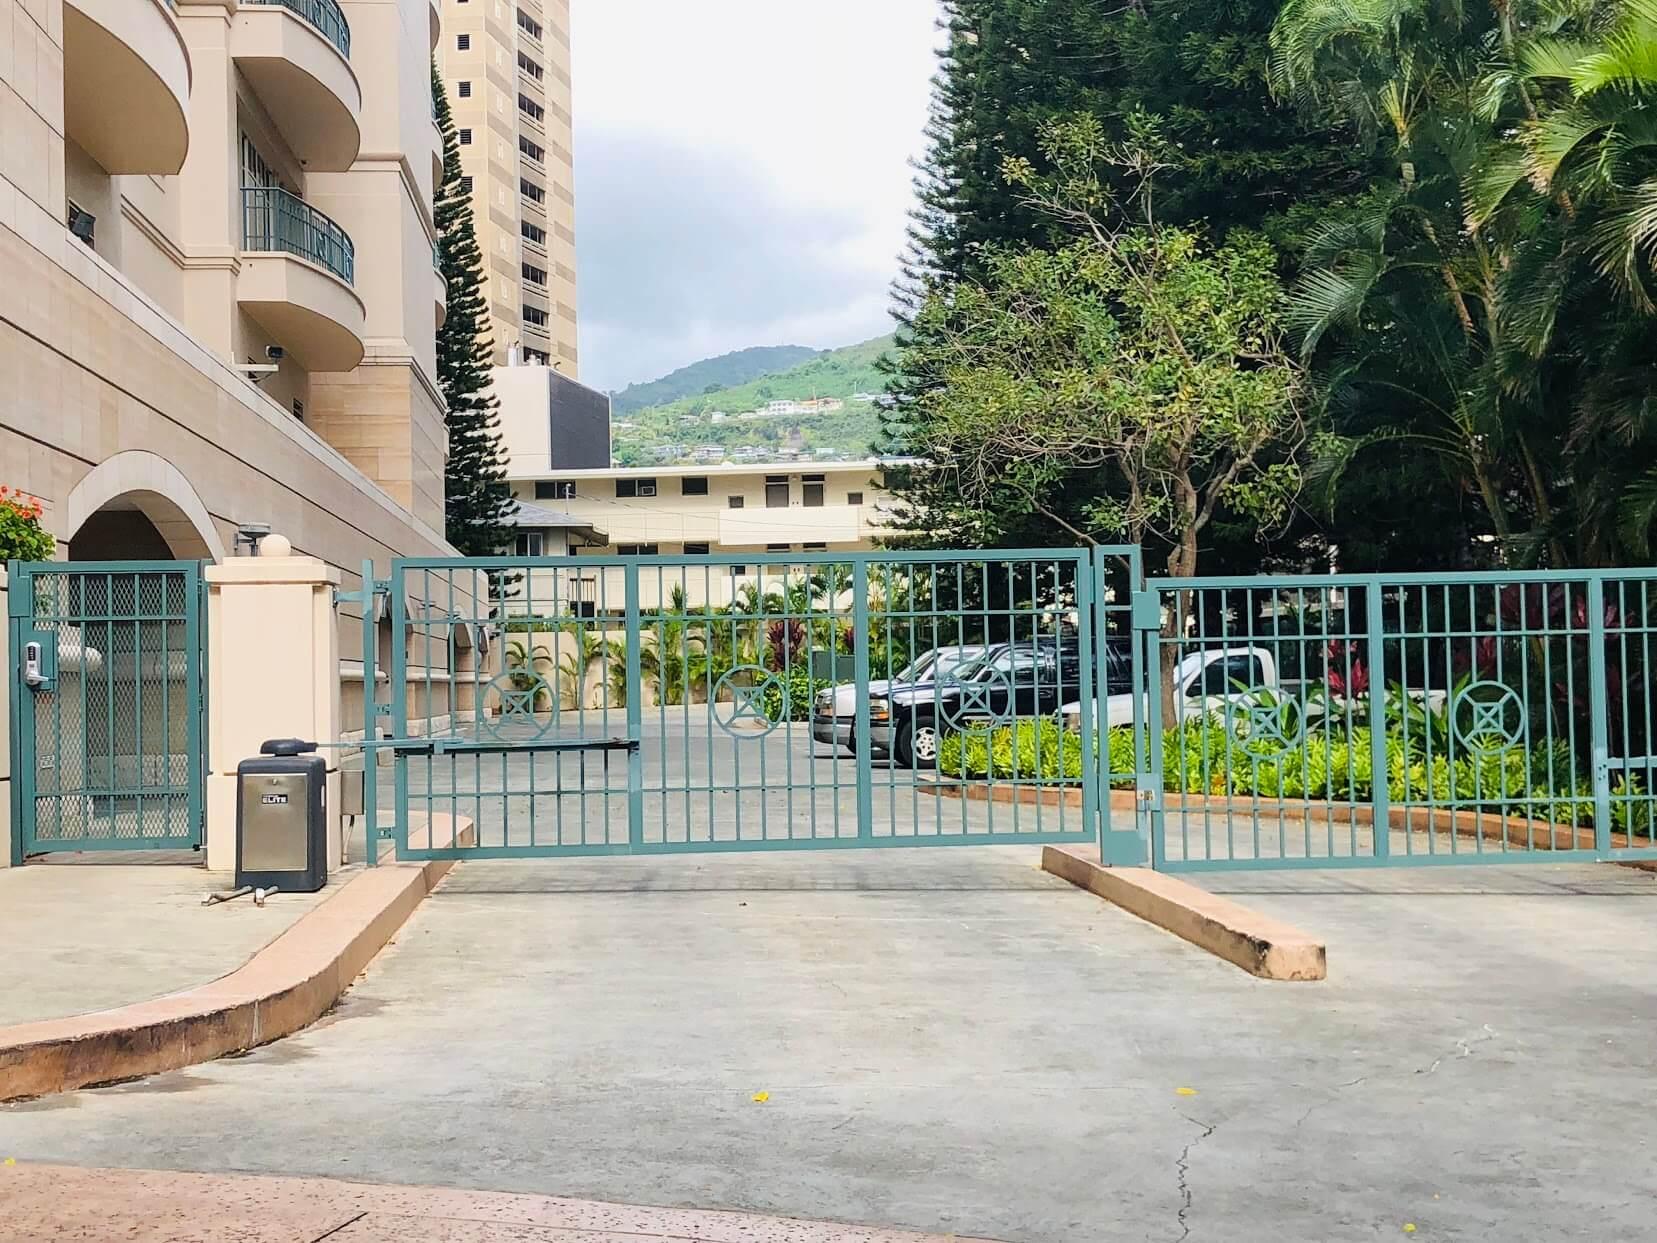 Courtyards at Punahouのエントランス